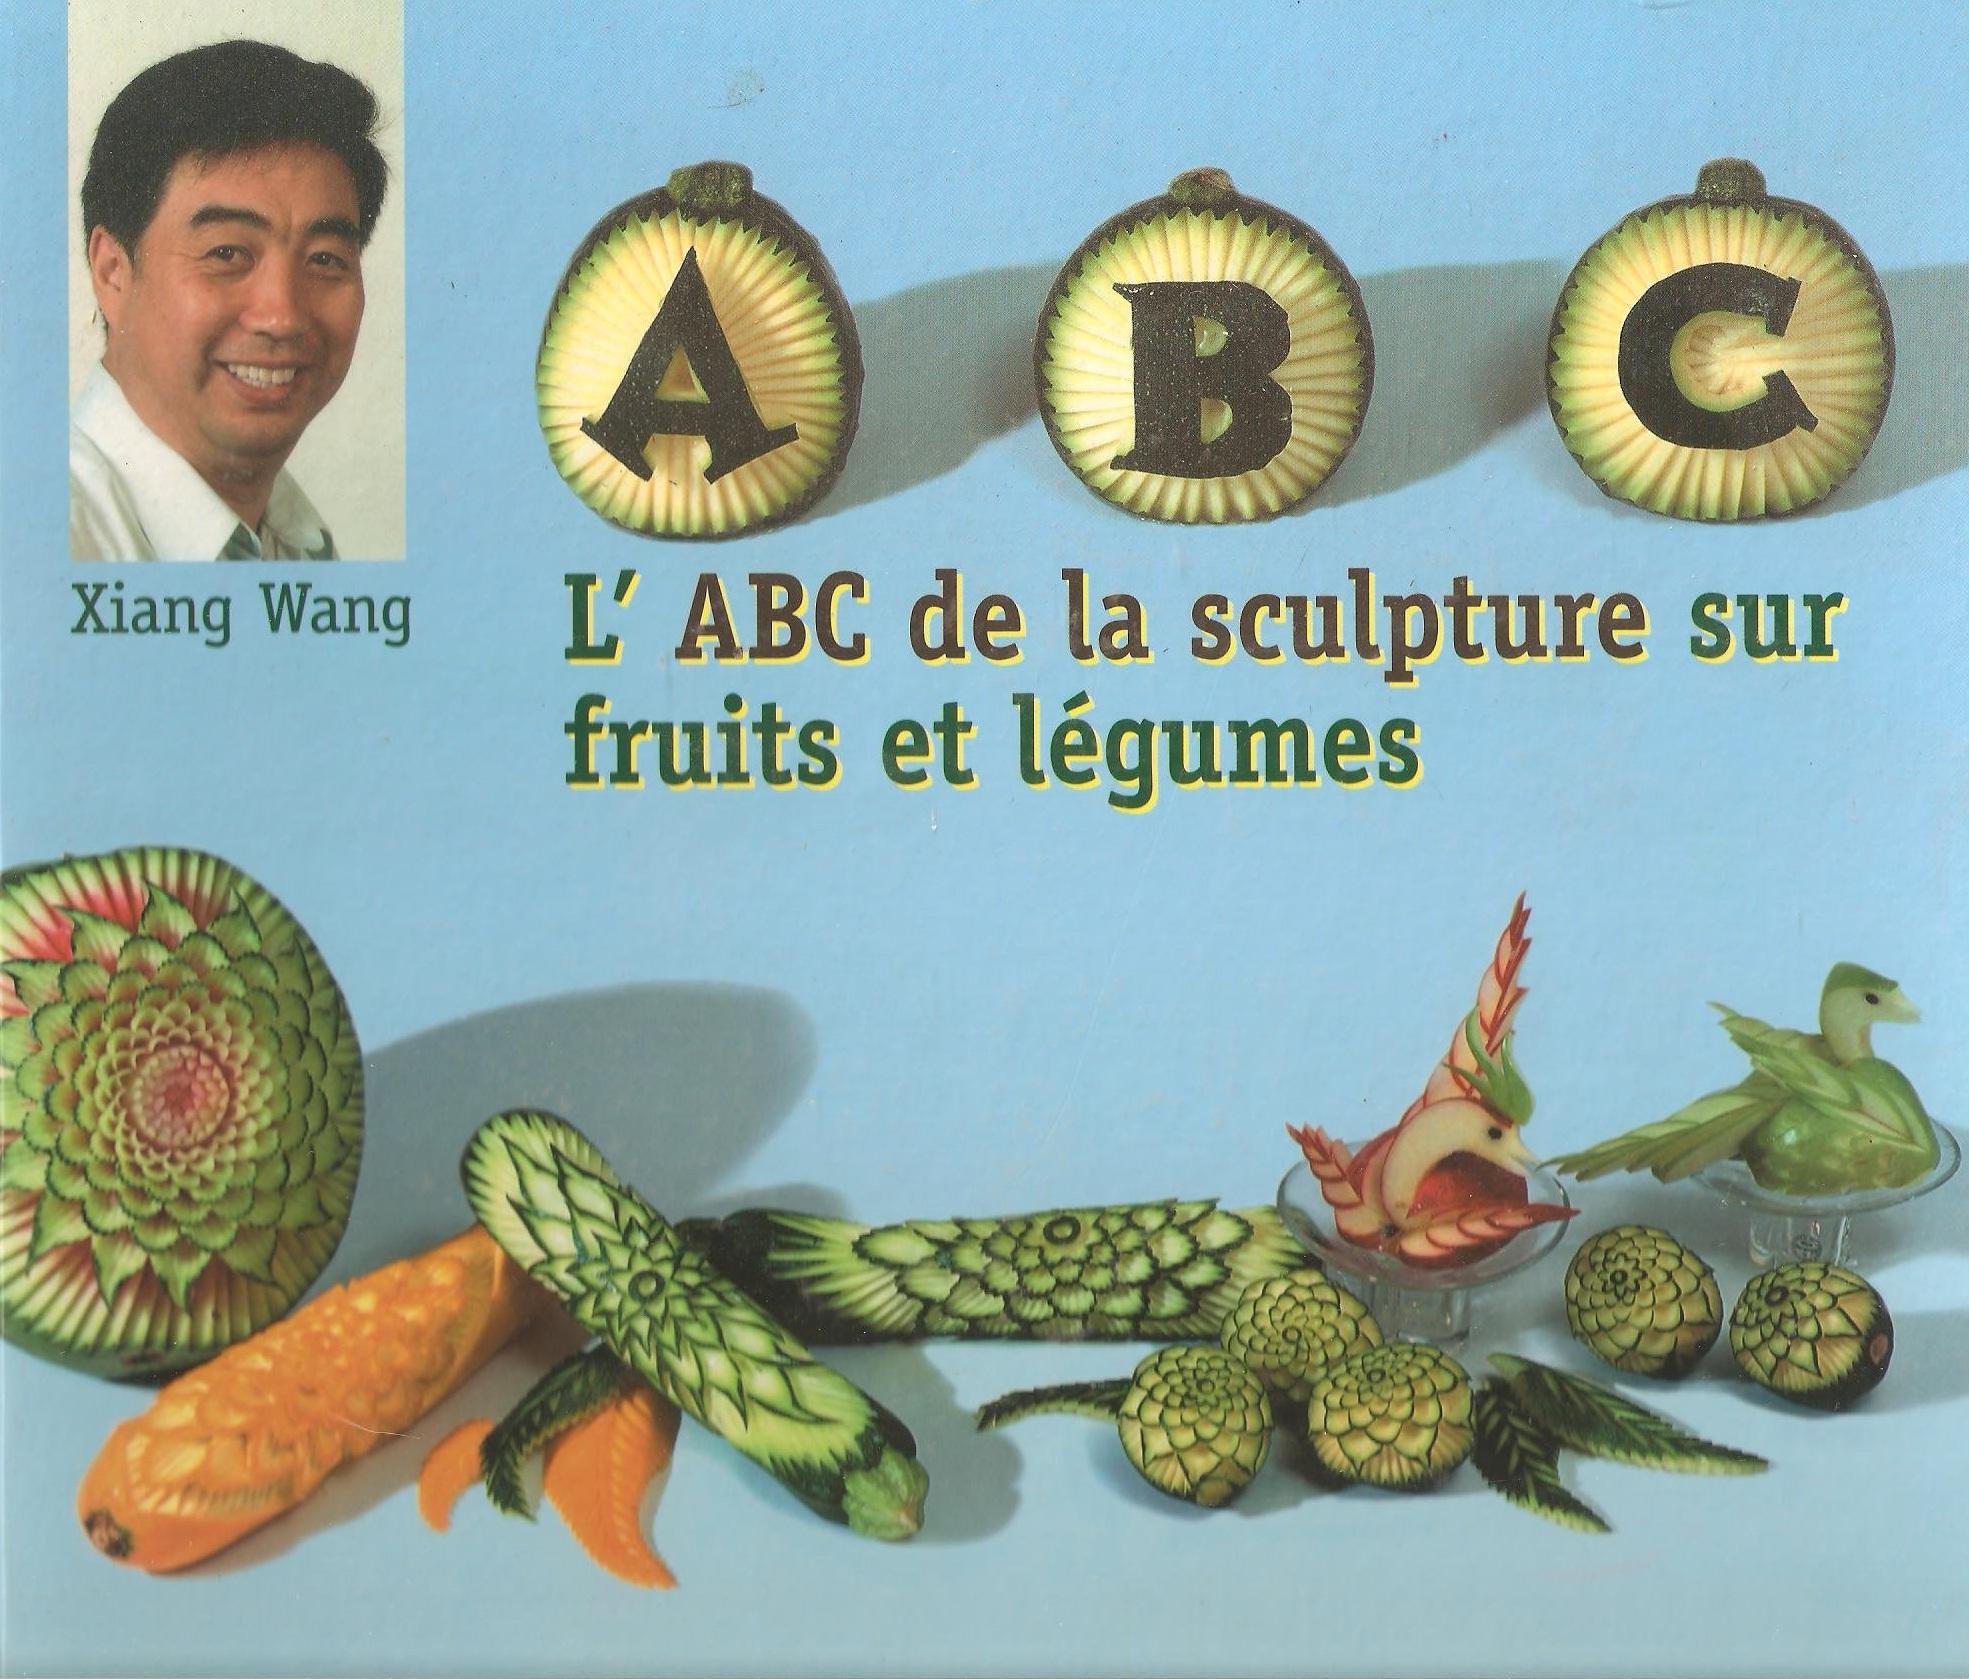 L ABC de la sculpture sur fruits et legumes